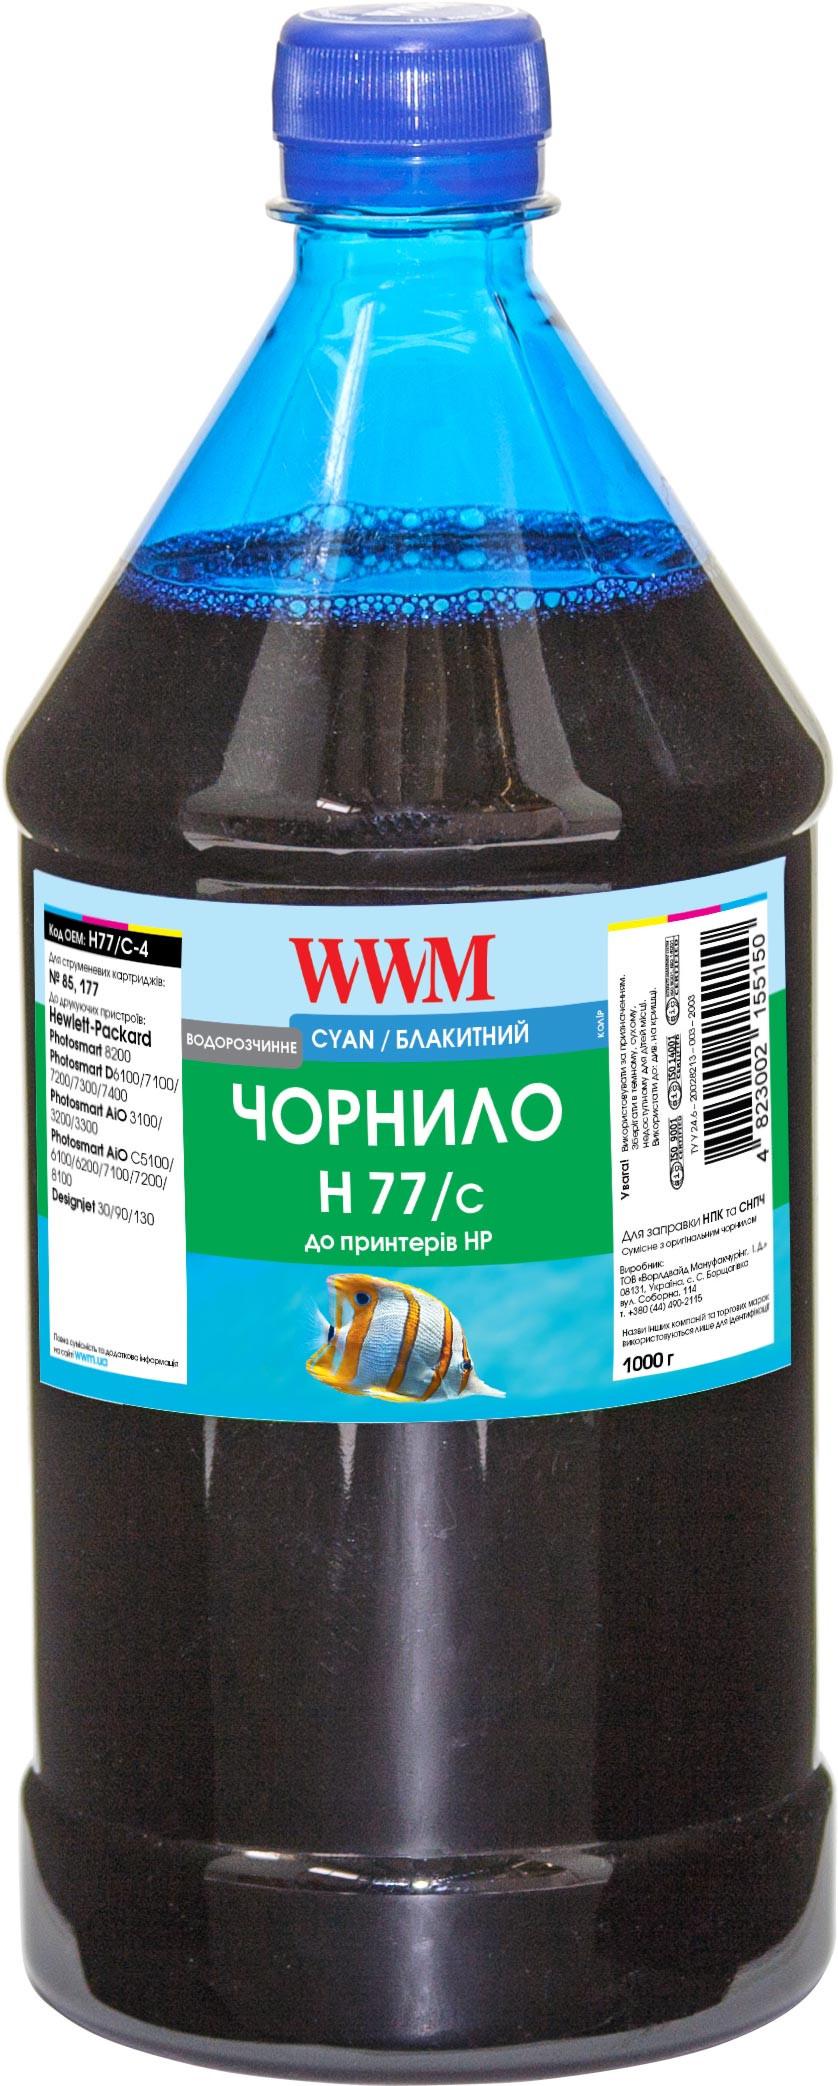 Купить Фарби для струменевих принтерів, БФП, Чорнило WWM for HP 177/85 Cyan 1000g, H77/C-4